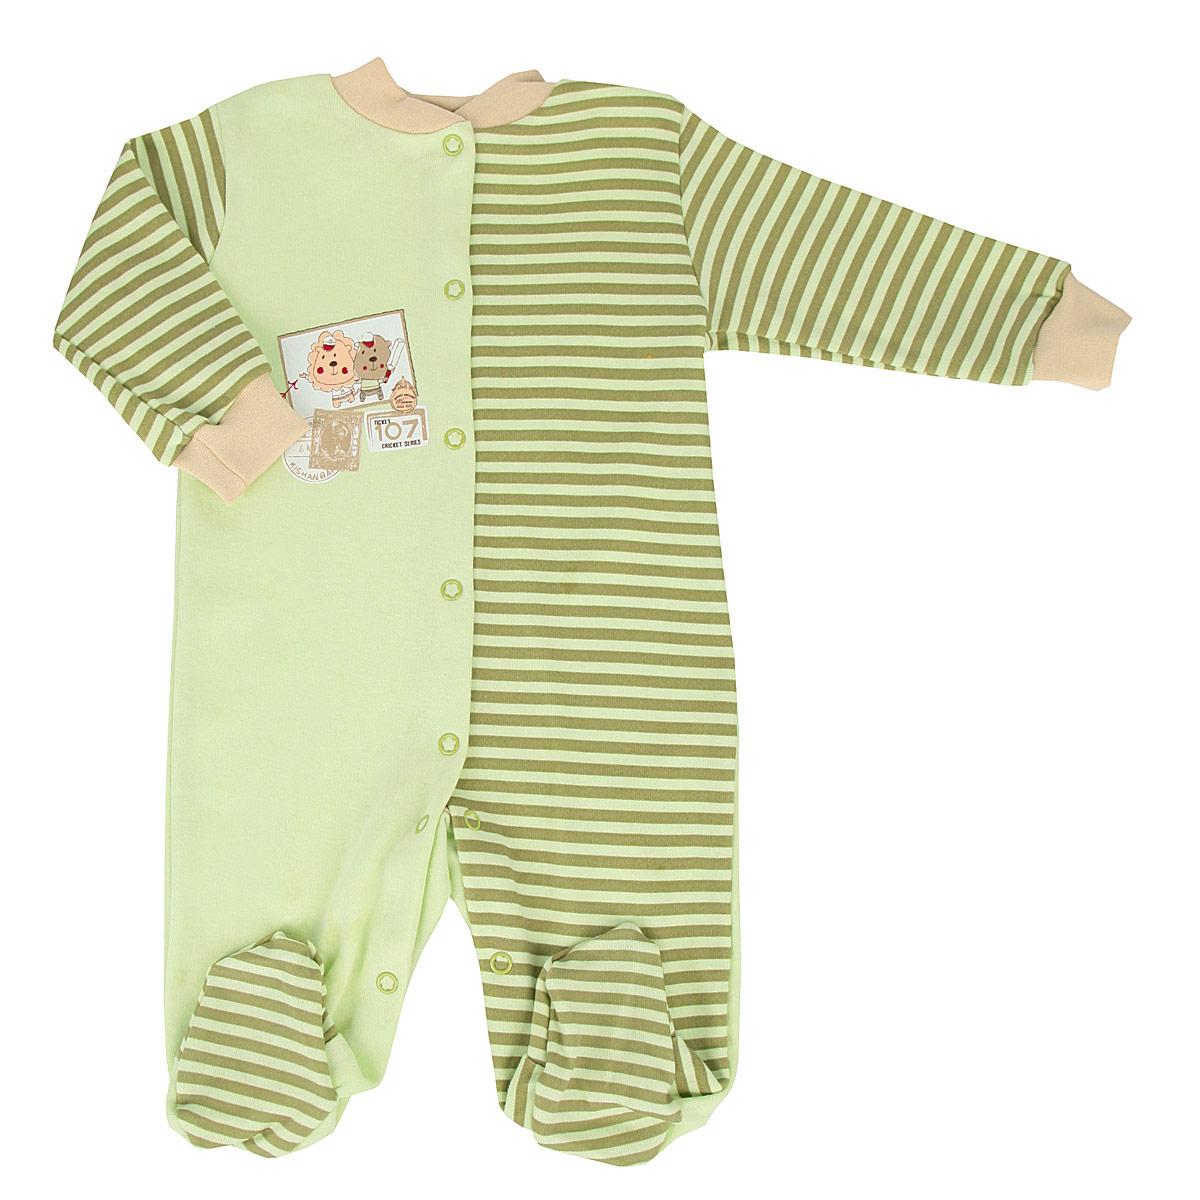 Комбинезон для мальчика КотМарКот, цвет: оливковый, светло-зеленый. 6283. Размер 62, 1-3 месяца6283Детский комбинезон для мальчика КотМарКот - очень удобный и практичный вид одежды для малышей. Комбинезон выполнен из натурального хлопка, благодаря чему он необычайно мягкий и приятный на ощупь, не раздражает нежную кожу ребенка, хорошо вентилируется, и не препятствует его движениям. Комбинезон с длинными рукавами и закрытыми ножками застегивается при помощи ряда кнопок спереди и по внутреннему шву штанин, что помогает легко переодеть младенца или сменить подгузник. Рукава дополнены широкими трикотажными манжетами, которые мягко обхватывают запястья.Комбинезон декорирован принтом в полоску и оформлен изображением почтовых марок с забавными зверюшками. С этим детским комбинезоном спинка и ножки вашего малыша всегда будут в тепле, он идеален для использования днем и незаменим ночью. Комбинезон полностью соответствует особенностям жизни младенца в ранний период, не стесняя и не ограничивая его в движениях!